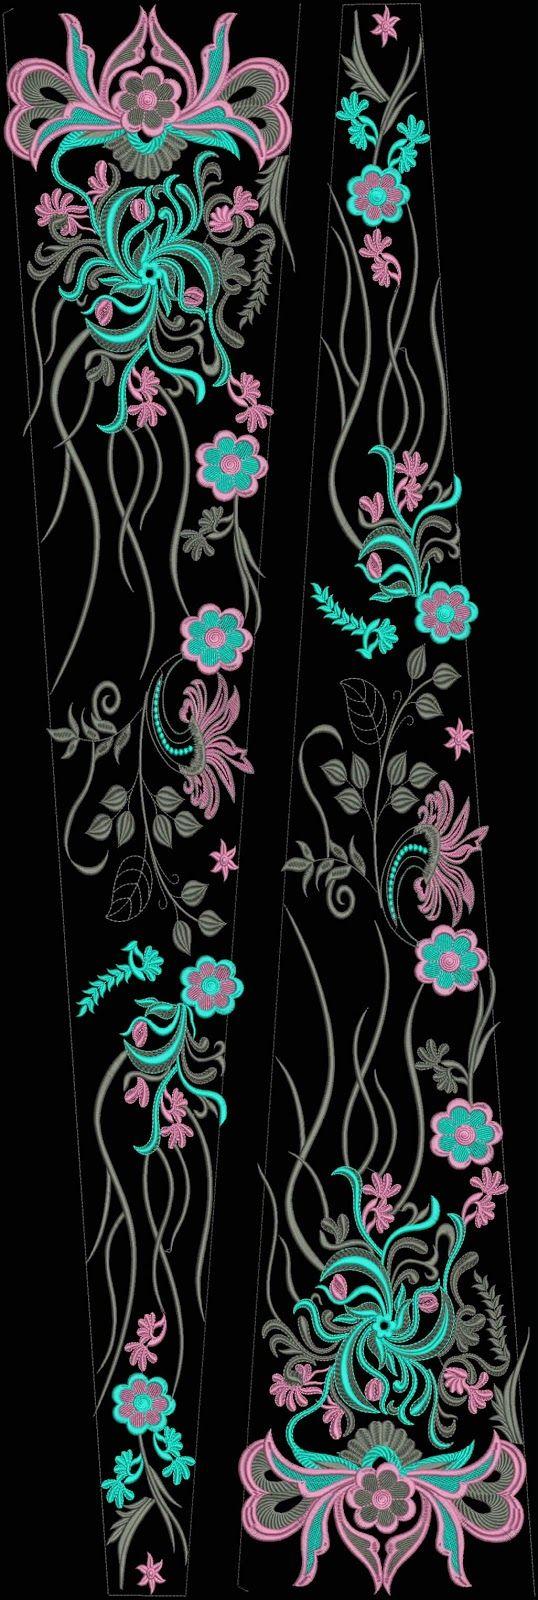 Новейшие Дизайны Вышивки, Дизайны Вышивки, Вышивки Бесплатно, Новые Дизайны Вышивки, Wilcom Вышивка Дизайнов, Вышивка Де...